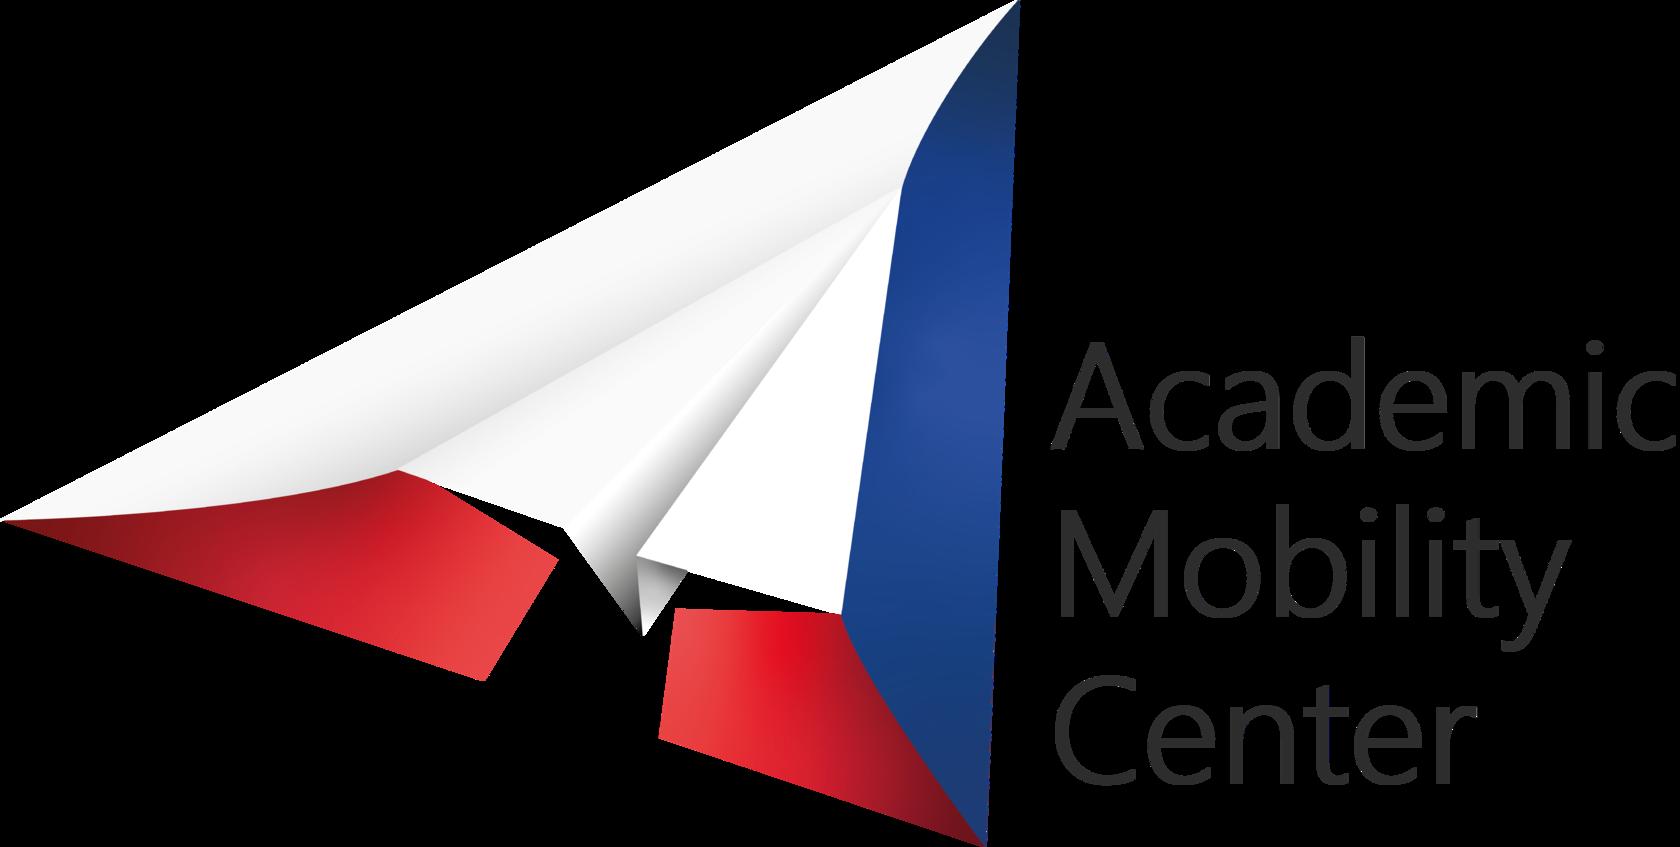 Центр академической мобильности